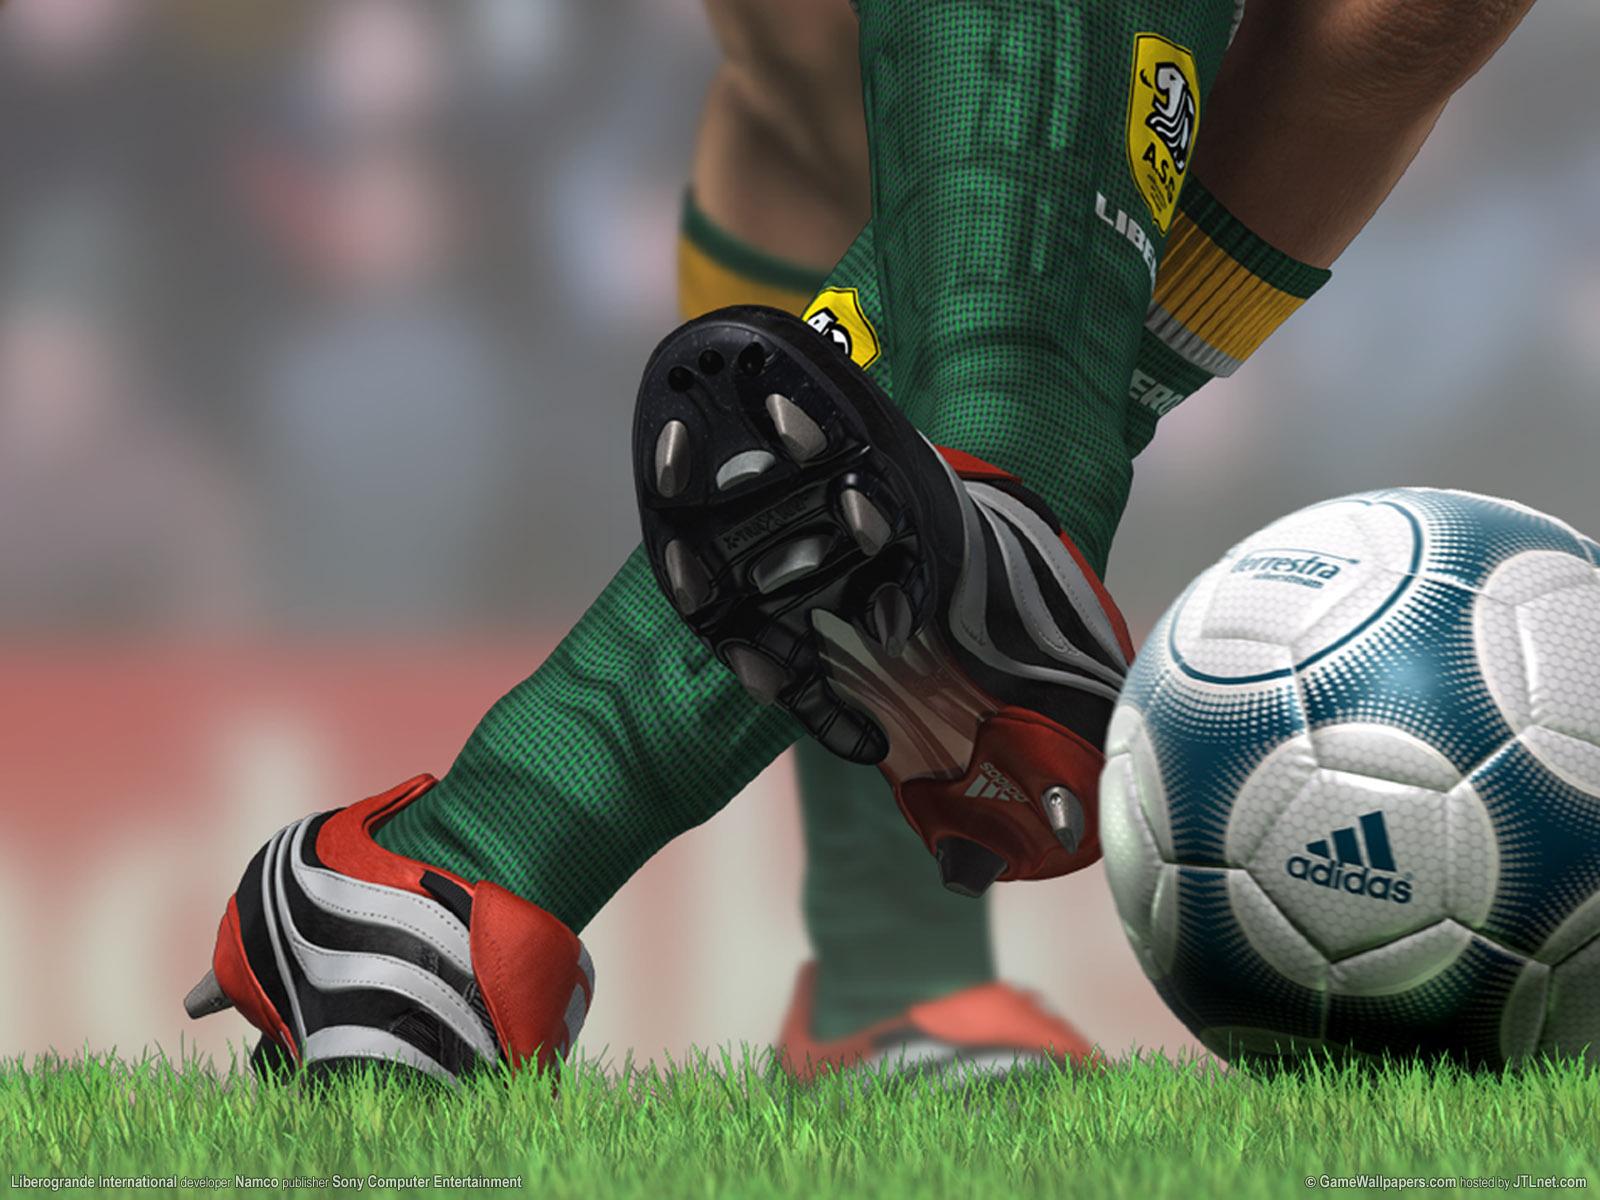 Футбол, обои, скачать, бесплатно, для рабочего стола